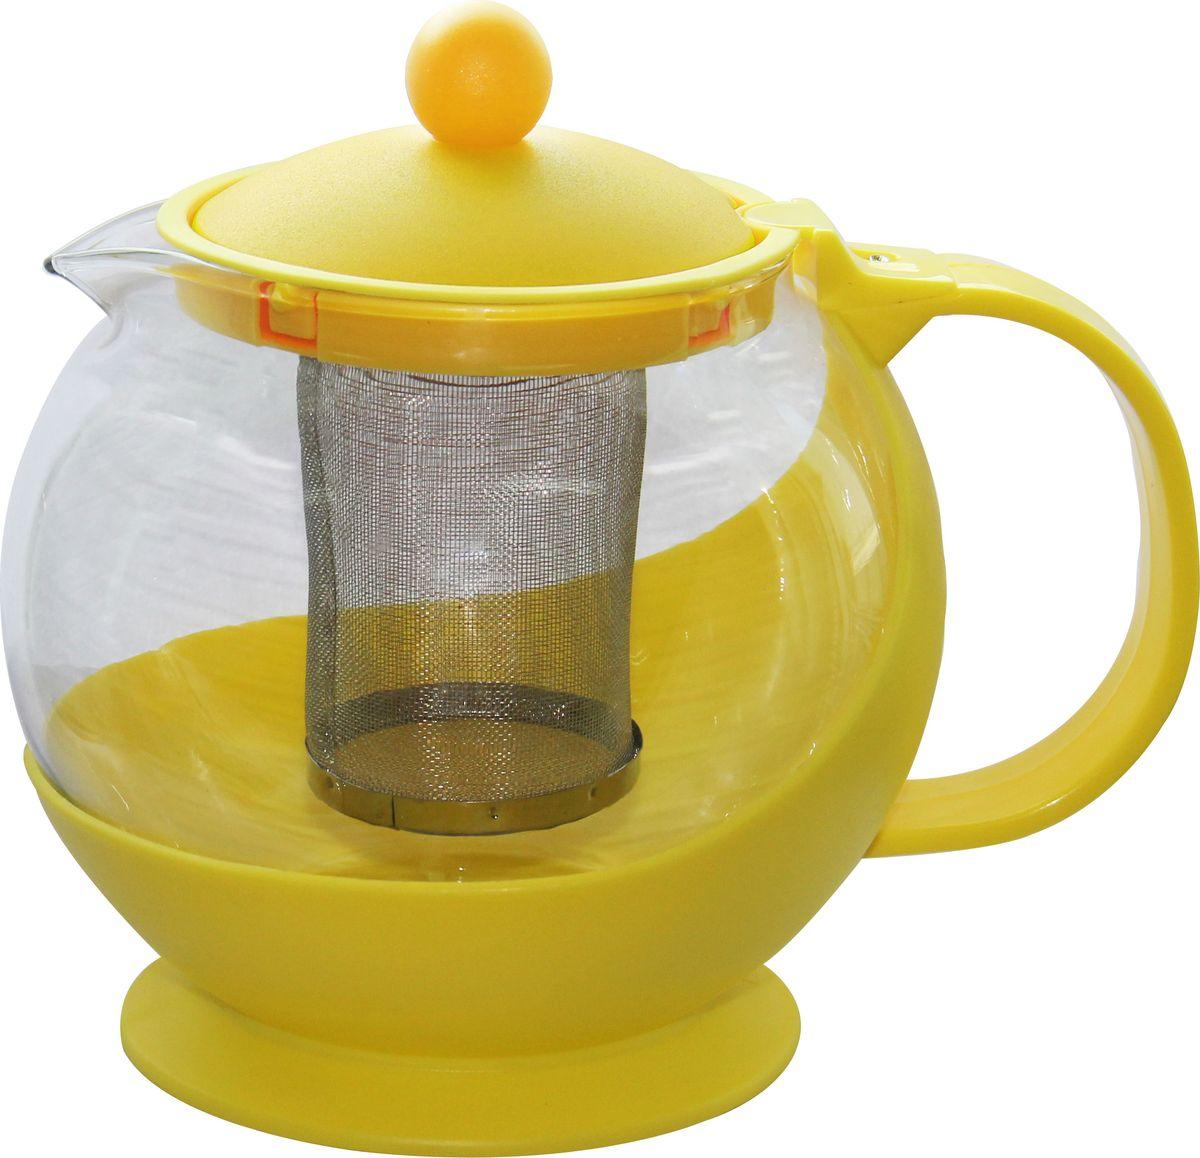 Чайник заварочный Irit, цвет: желтый, 1,25 лKTZ-10-002Чайник заварочный,1,25л, термостойкий не нагревающийся пластик, ударостойкое жаропрочное стекло, фильтр из высококачественной хромо-никелевой нержавеющей стали